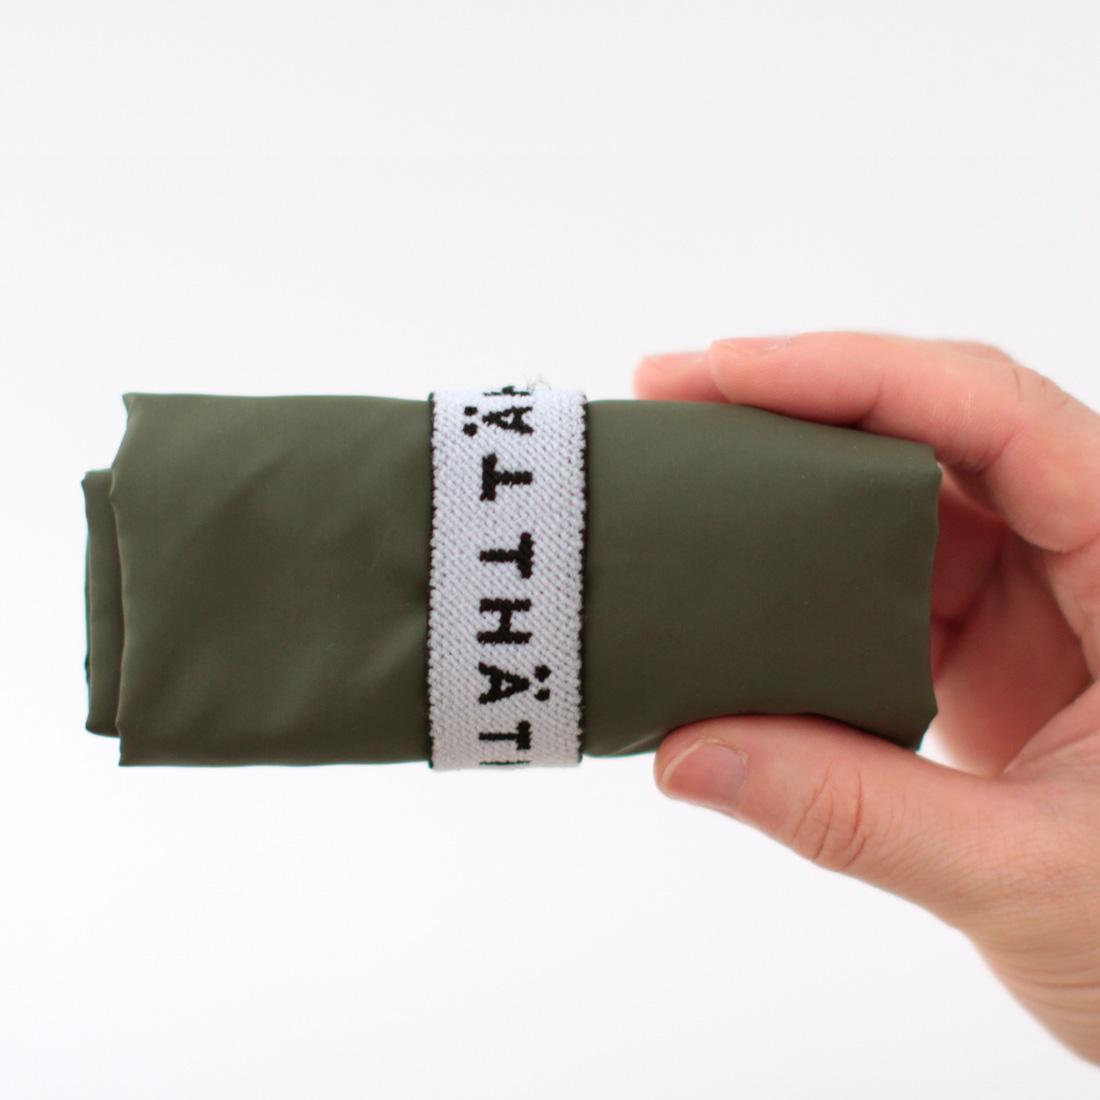 【TAHTI-タハティ-】 <BR>エコバッグ/マイバッグ 1201 カーキ <BR>洗える リフレクター(反射材)付き